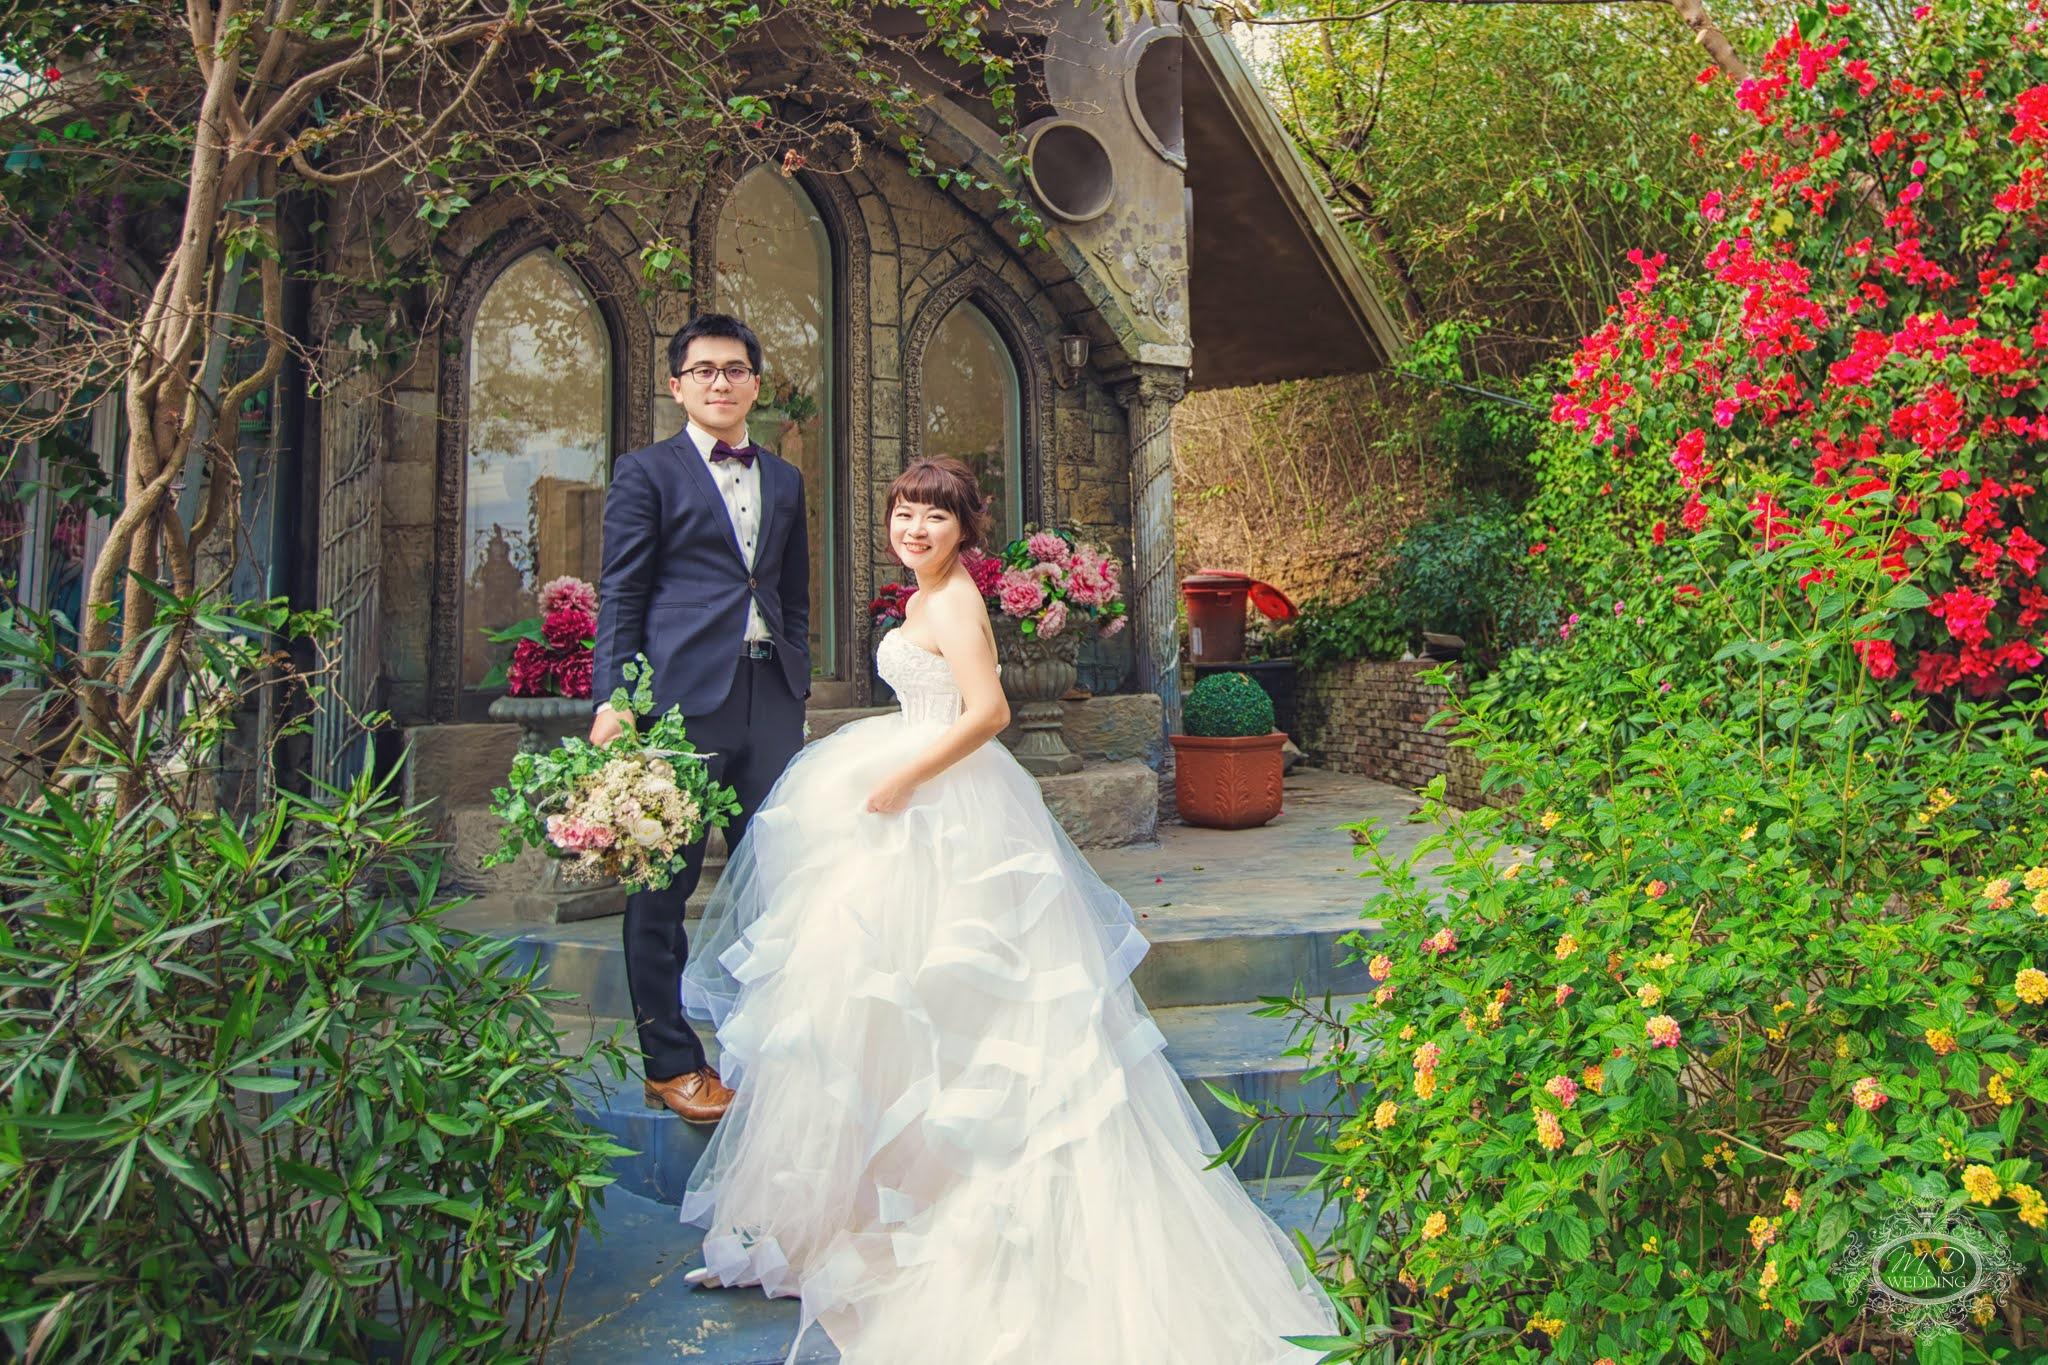 國內婚紗 苗栗格林奇幻森林攝影基地 夢幻童話森林 浪漫風格 逆光婚紗 台北婚紗推薦